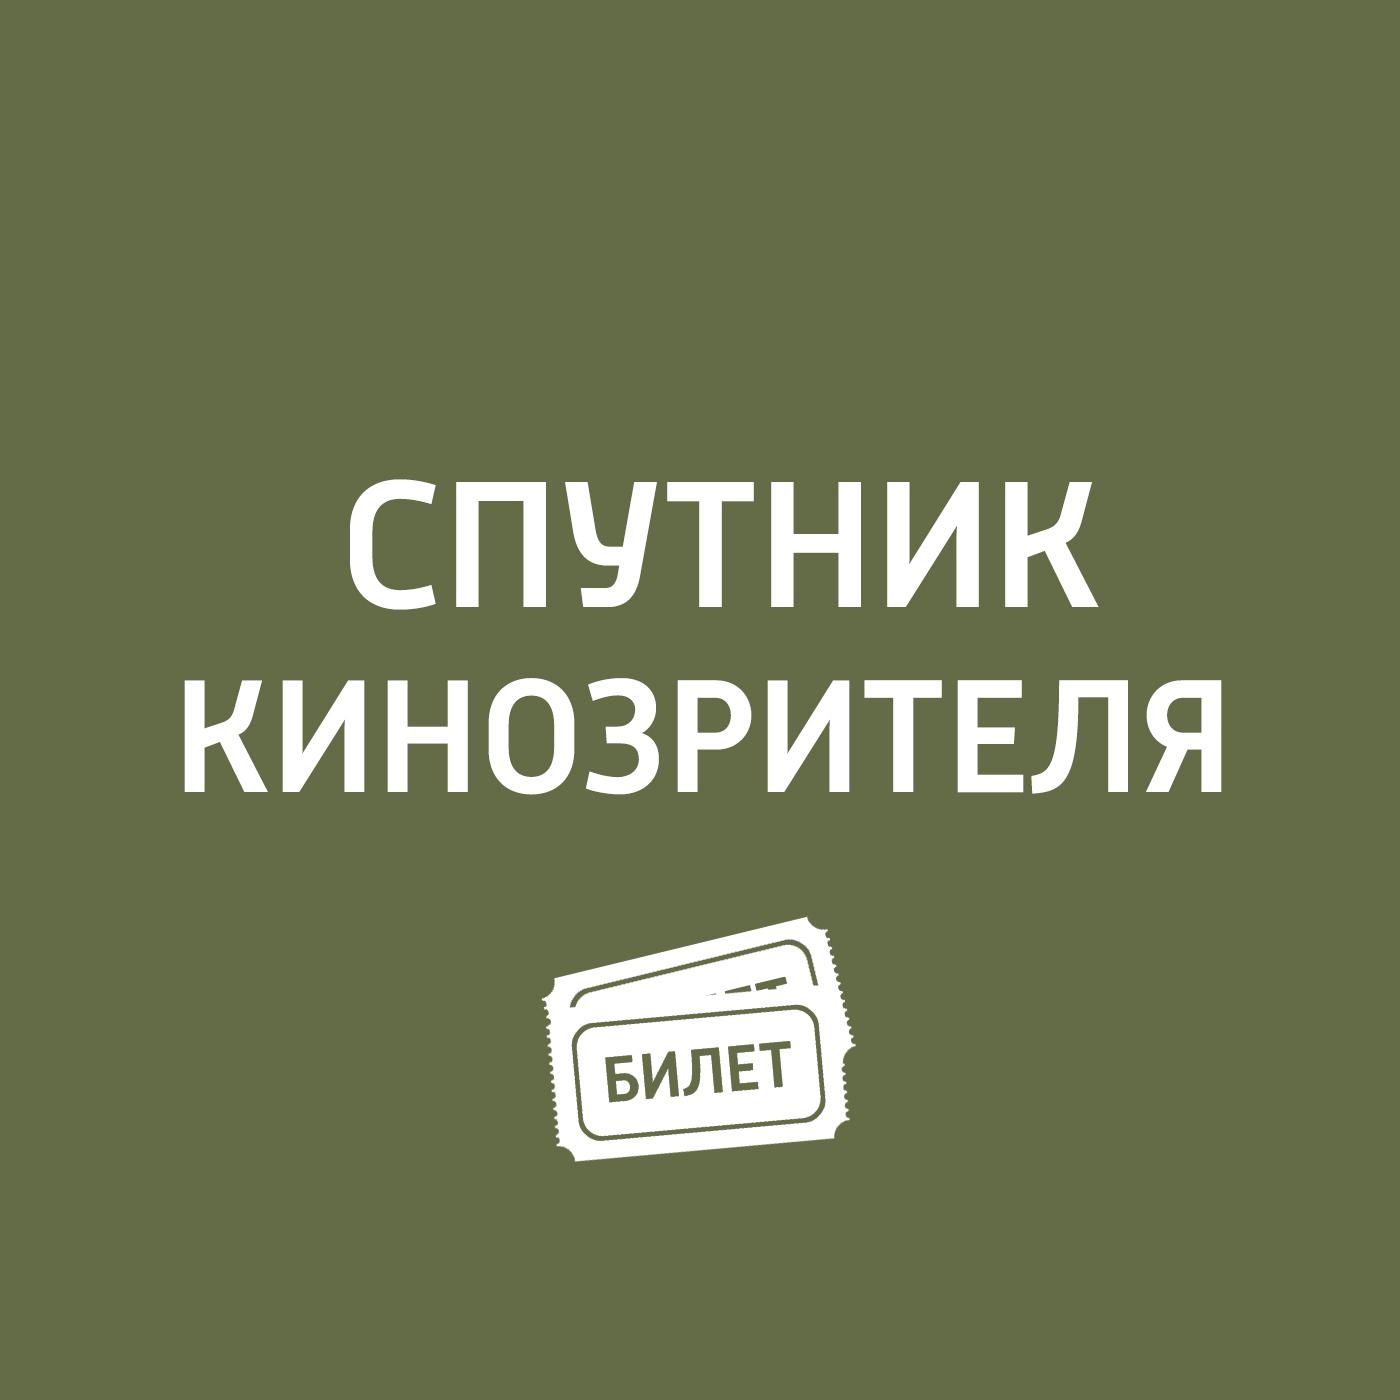 Антон Долин Специальные показы фильмов Милоша Формана и Такеши Китана